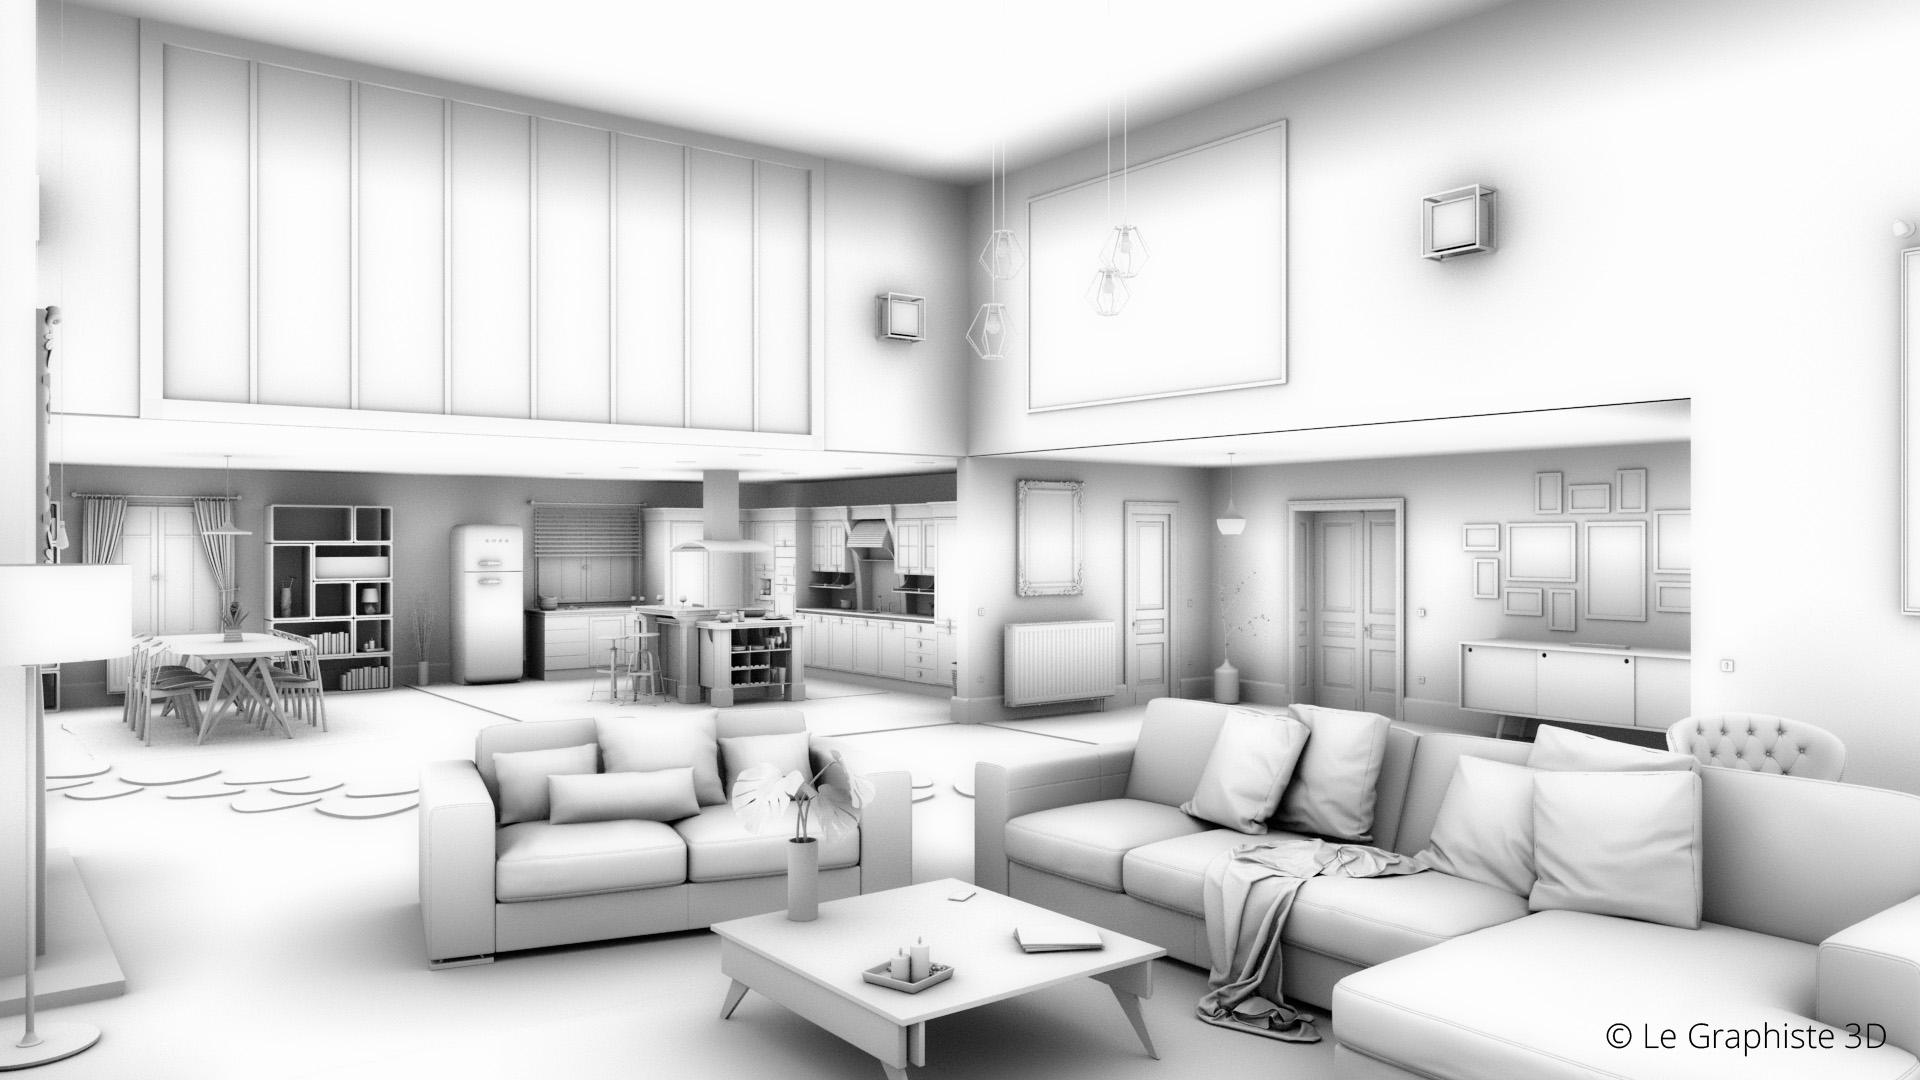 Illustration 3D - Passe d'occlusion - Le Graphiste 3D